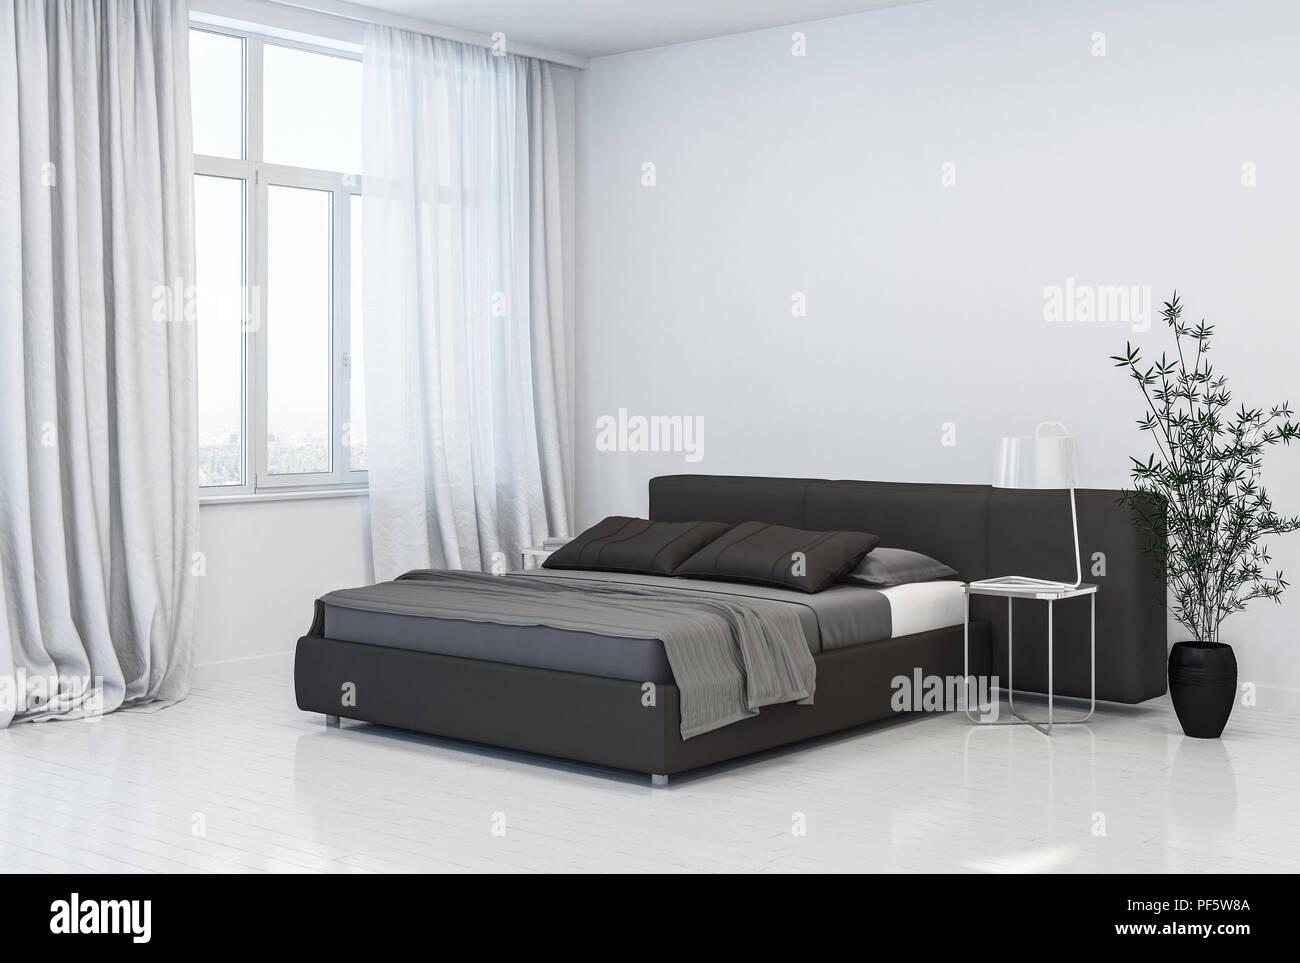 https www alamyimages fr spacieux et elegant gris monochromatique blanc interieur chambre a coucher avec divan lit avec tete de style en face de grandes fenetres avec des rideaux sur une image215873850 html